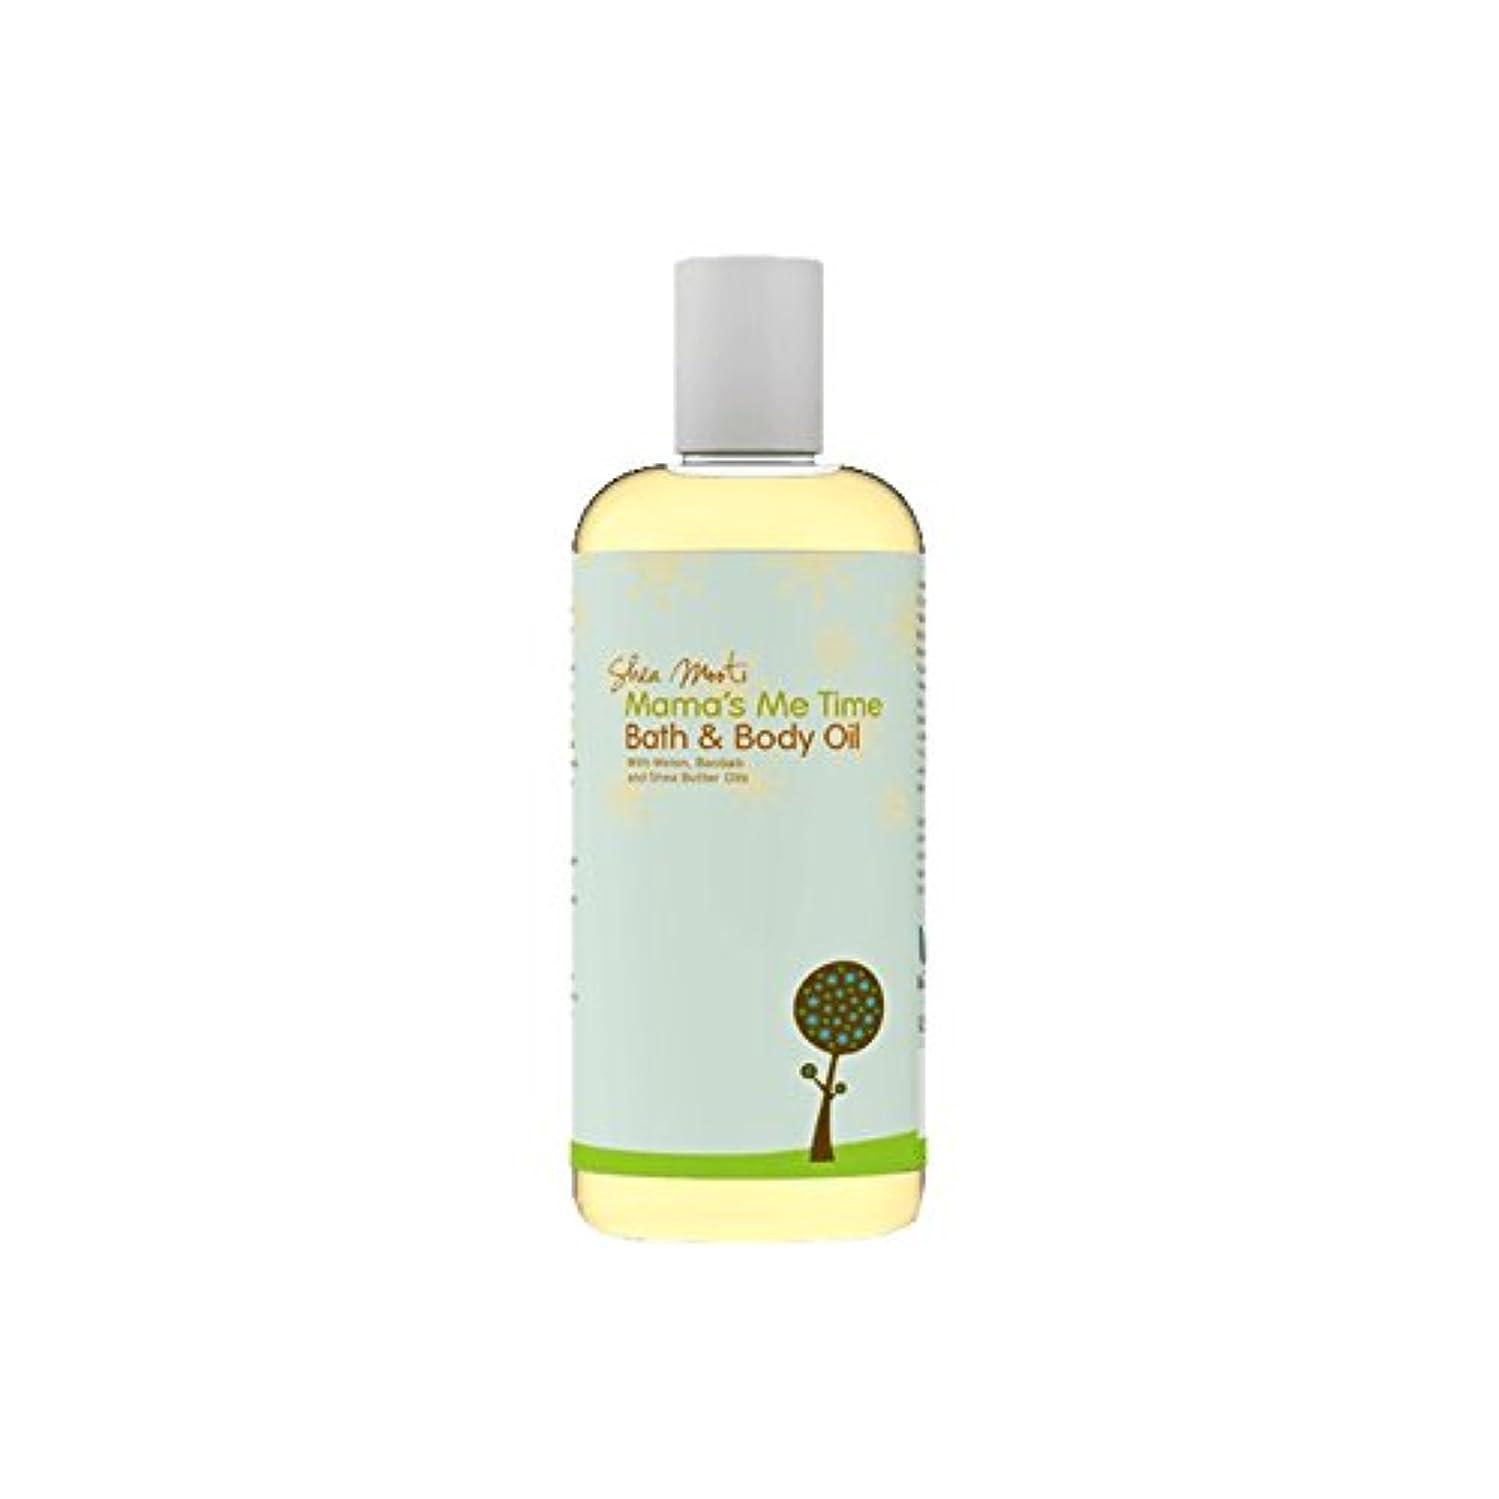 怠キャンディー迷彩Shea Mooti Mama's Me Time Bath and Body Oil 110g (Pack of 6) - シアバターMootiママの私の時間のバス、ボディオイル110グラム (x6) [並行輸入品]